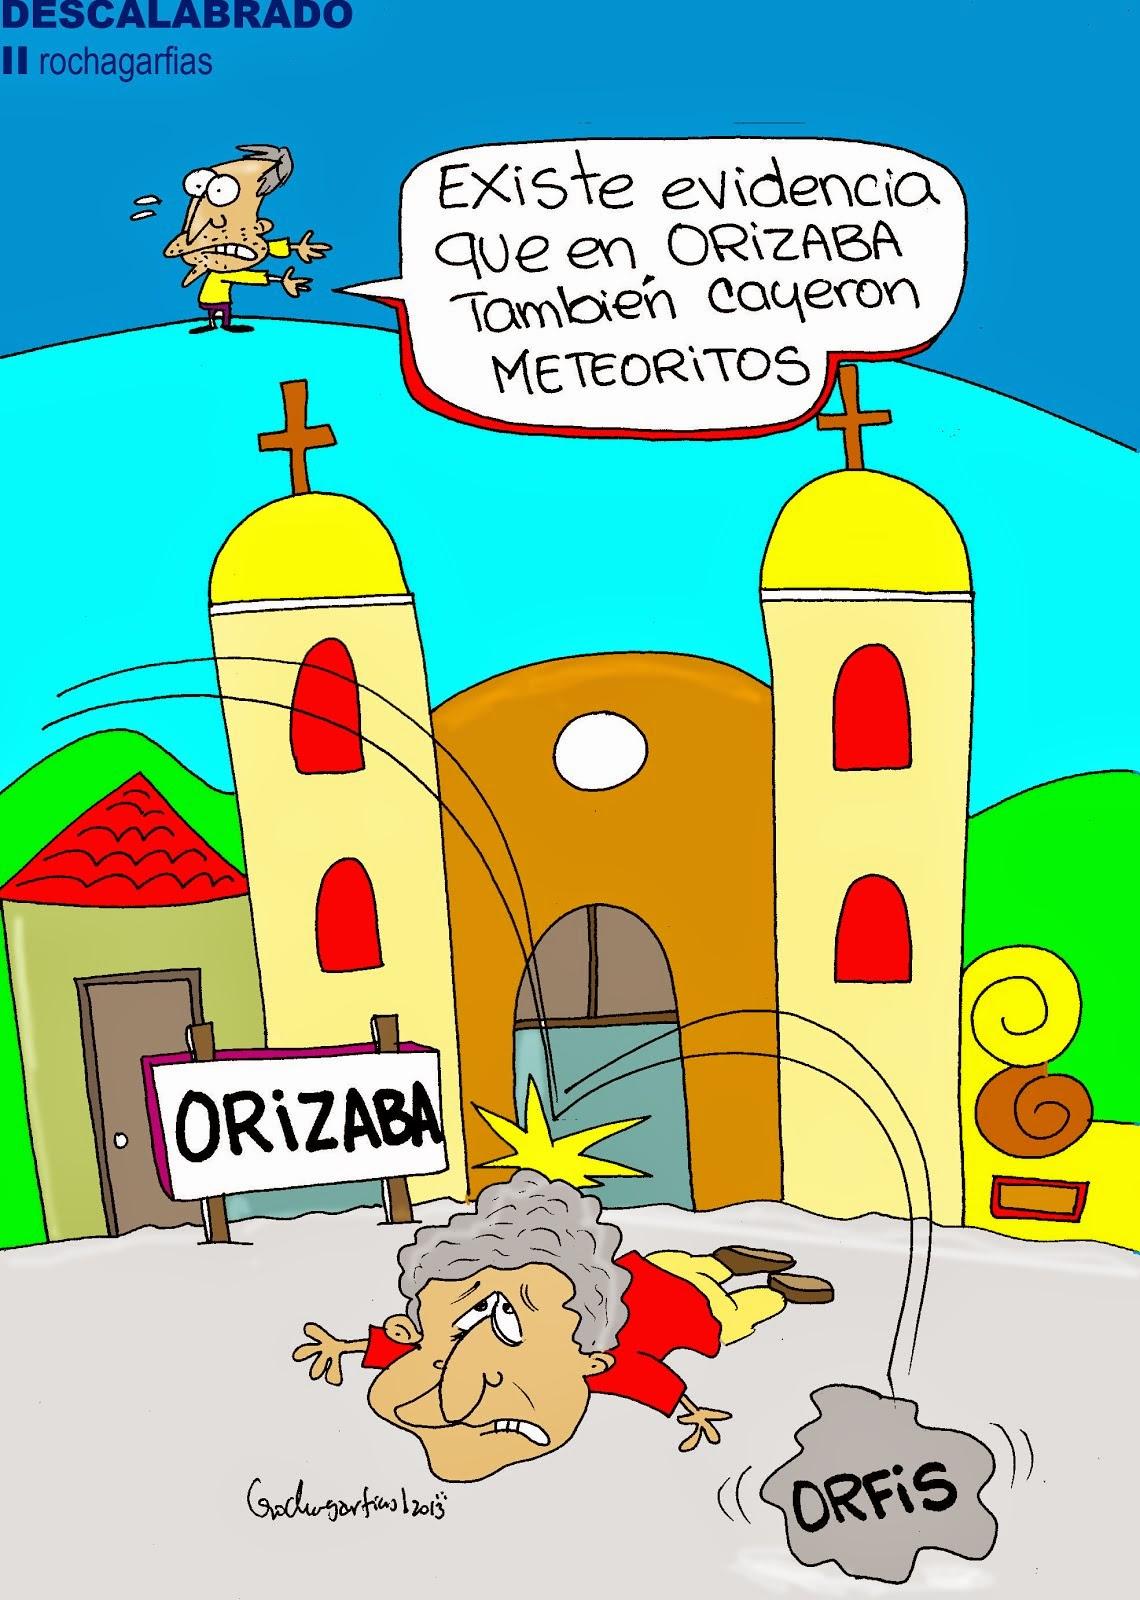 Meteoritos en Orizaba: descalabrado.